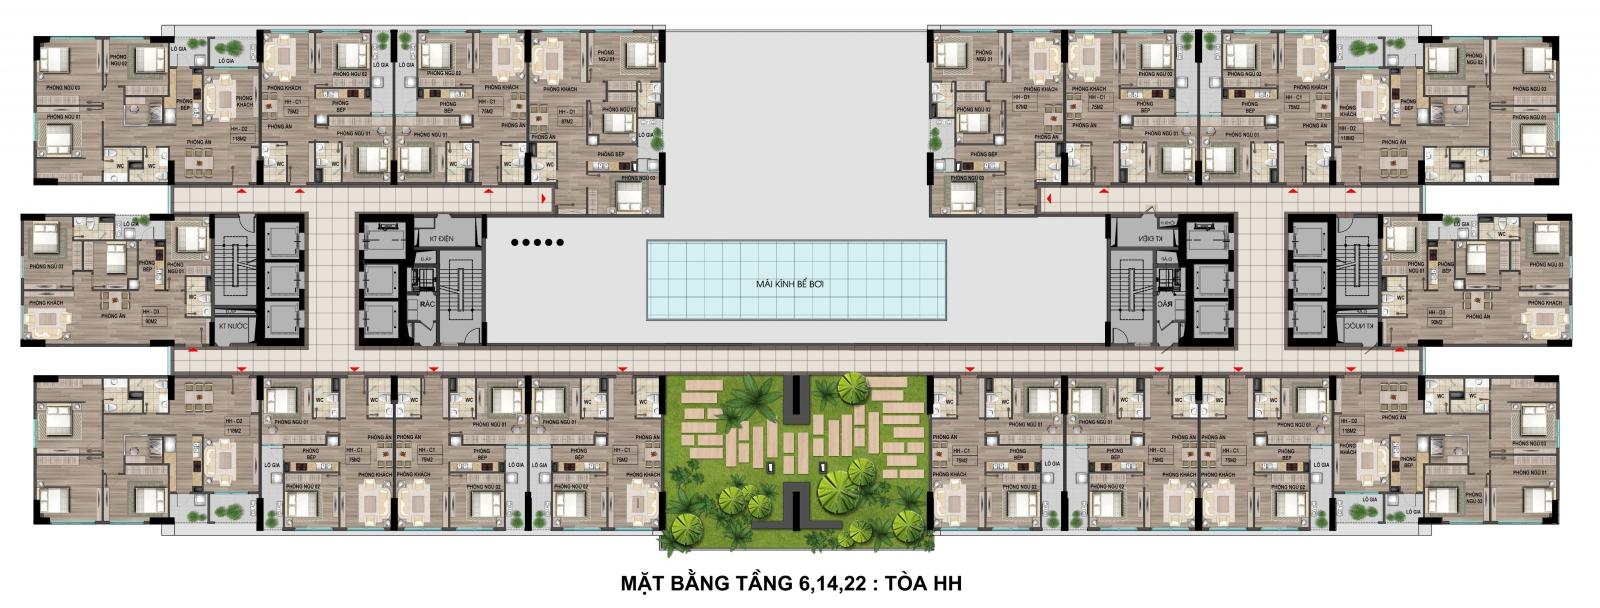 Mặt bằng tầng 6- 14 - 22 tòa thương mại khu nhà ở xã hội Cổ nhuế